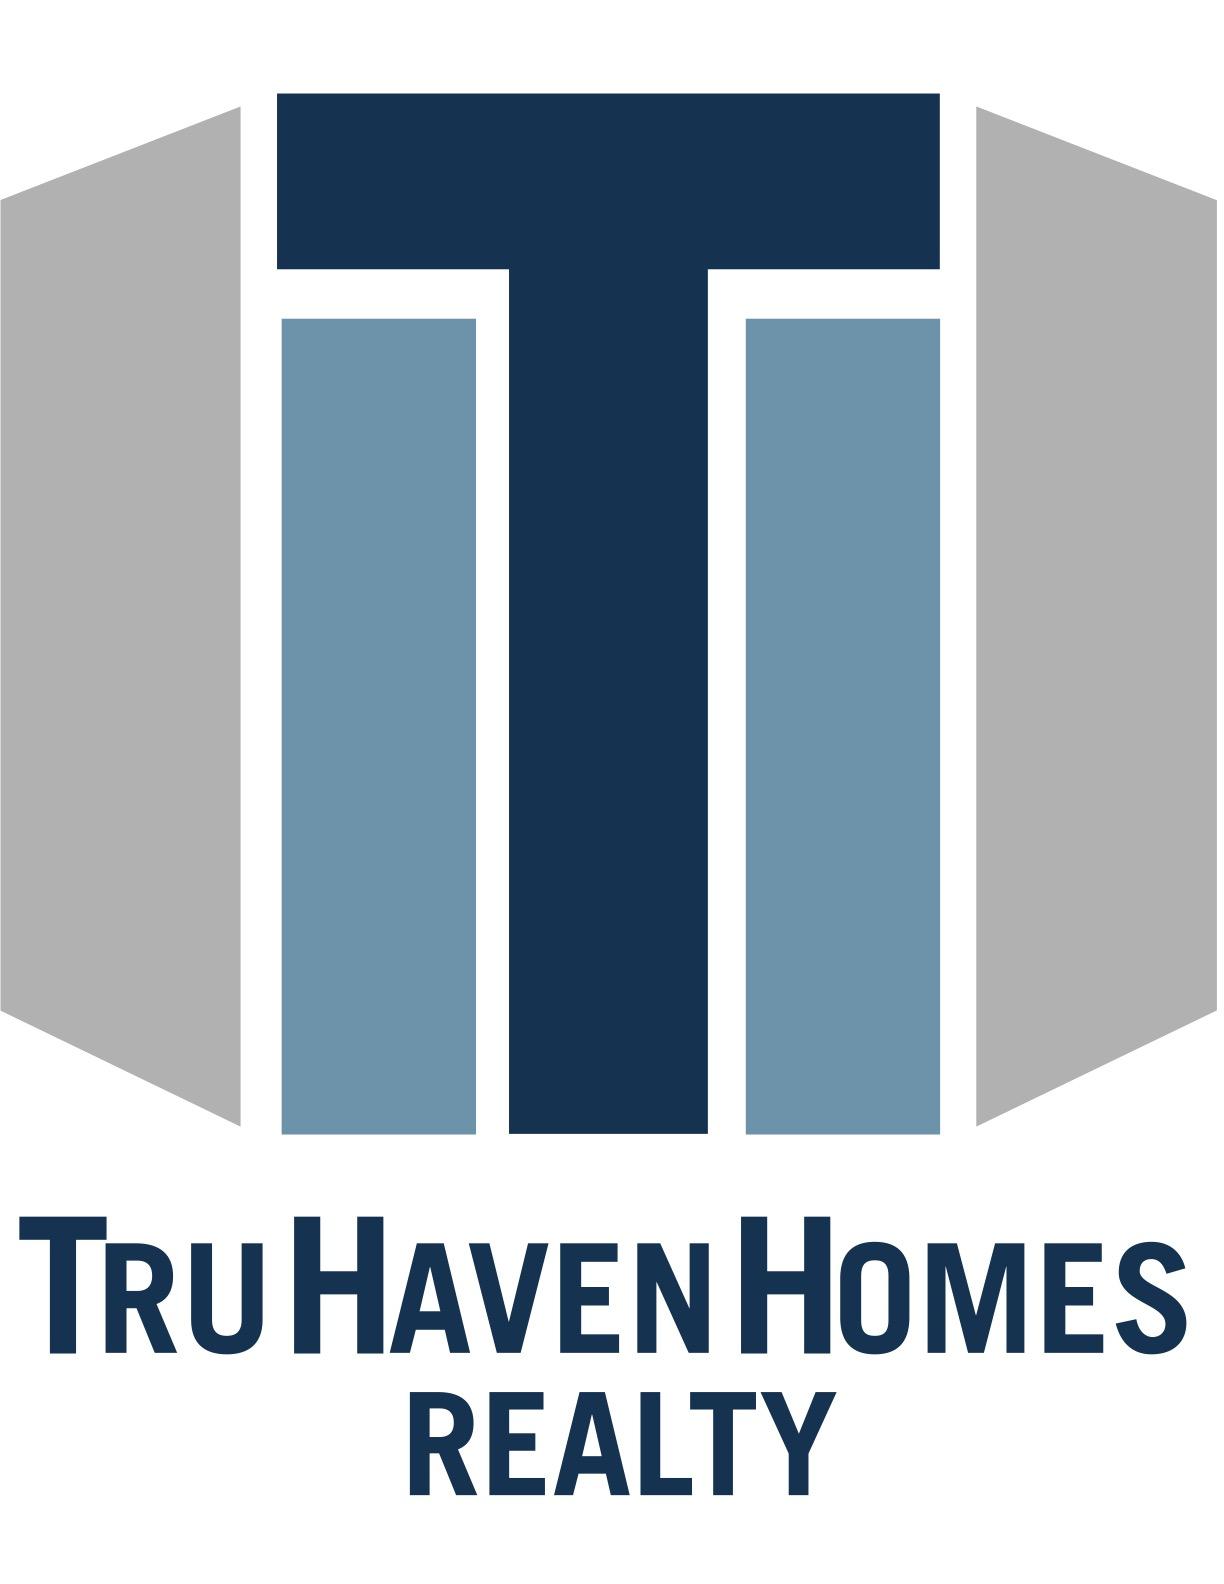 Tru Haven Homes